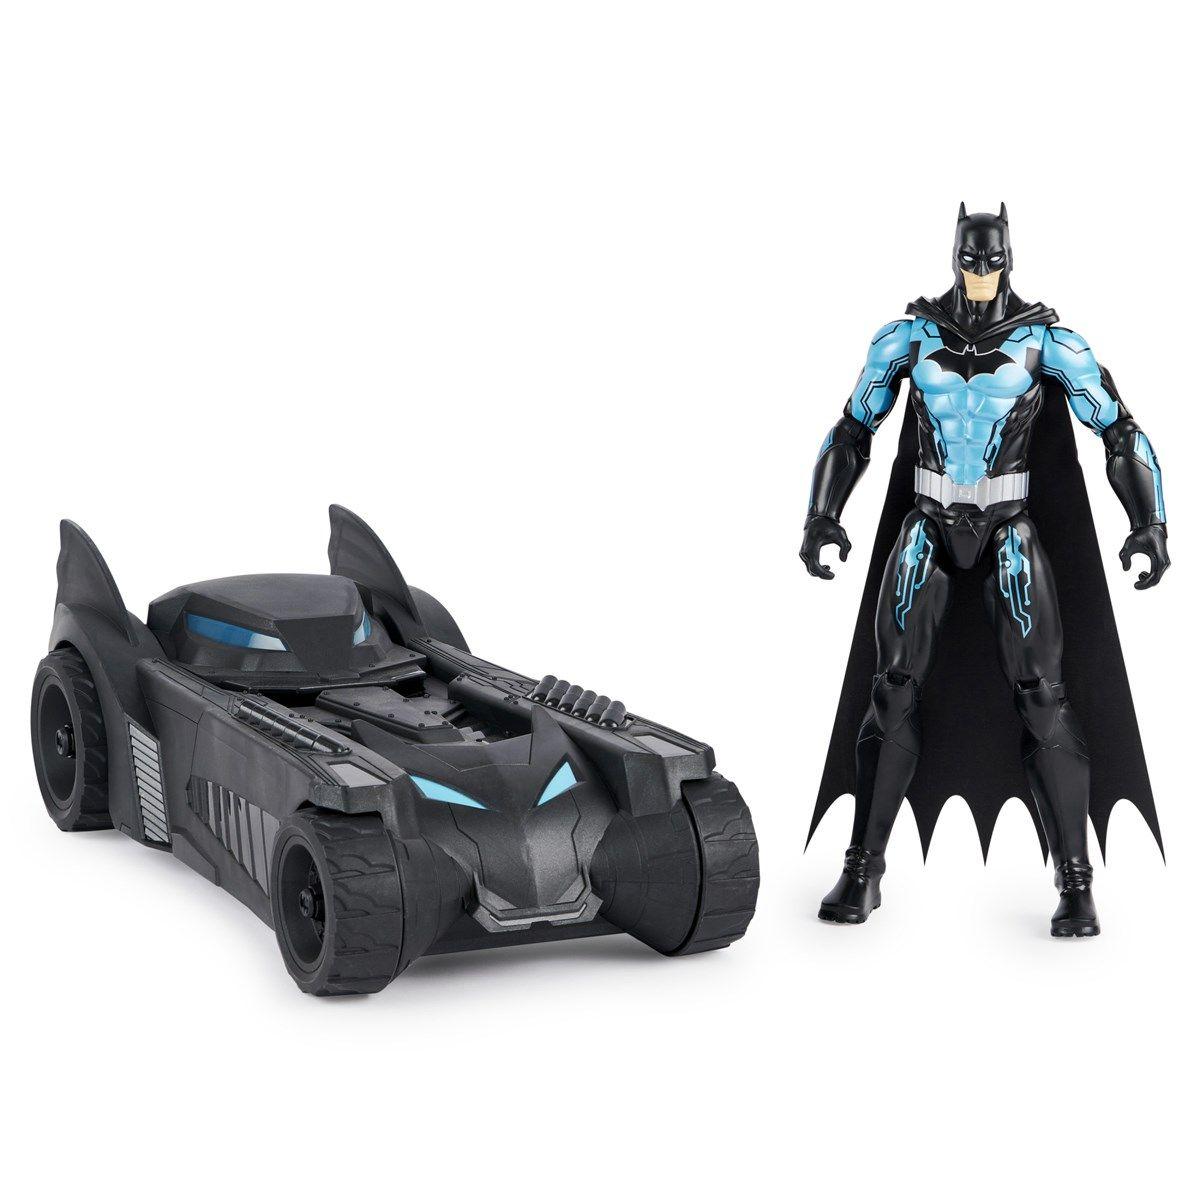 Batman - Value Batmobile with 30 cm Figure (6058417)